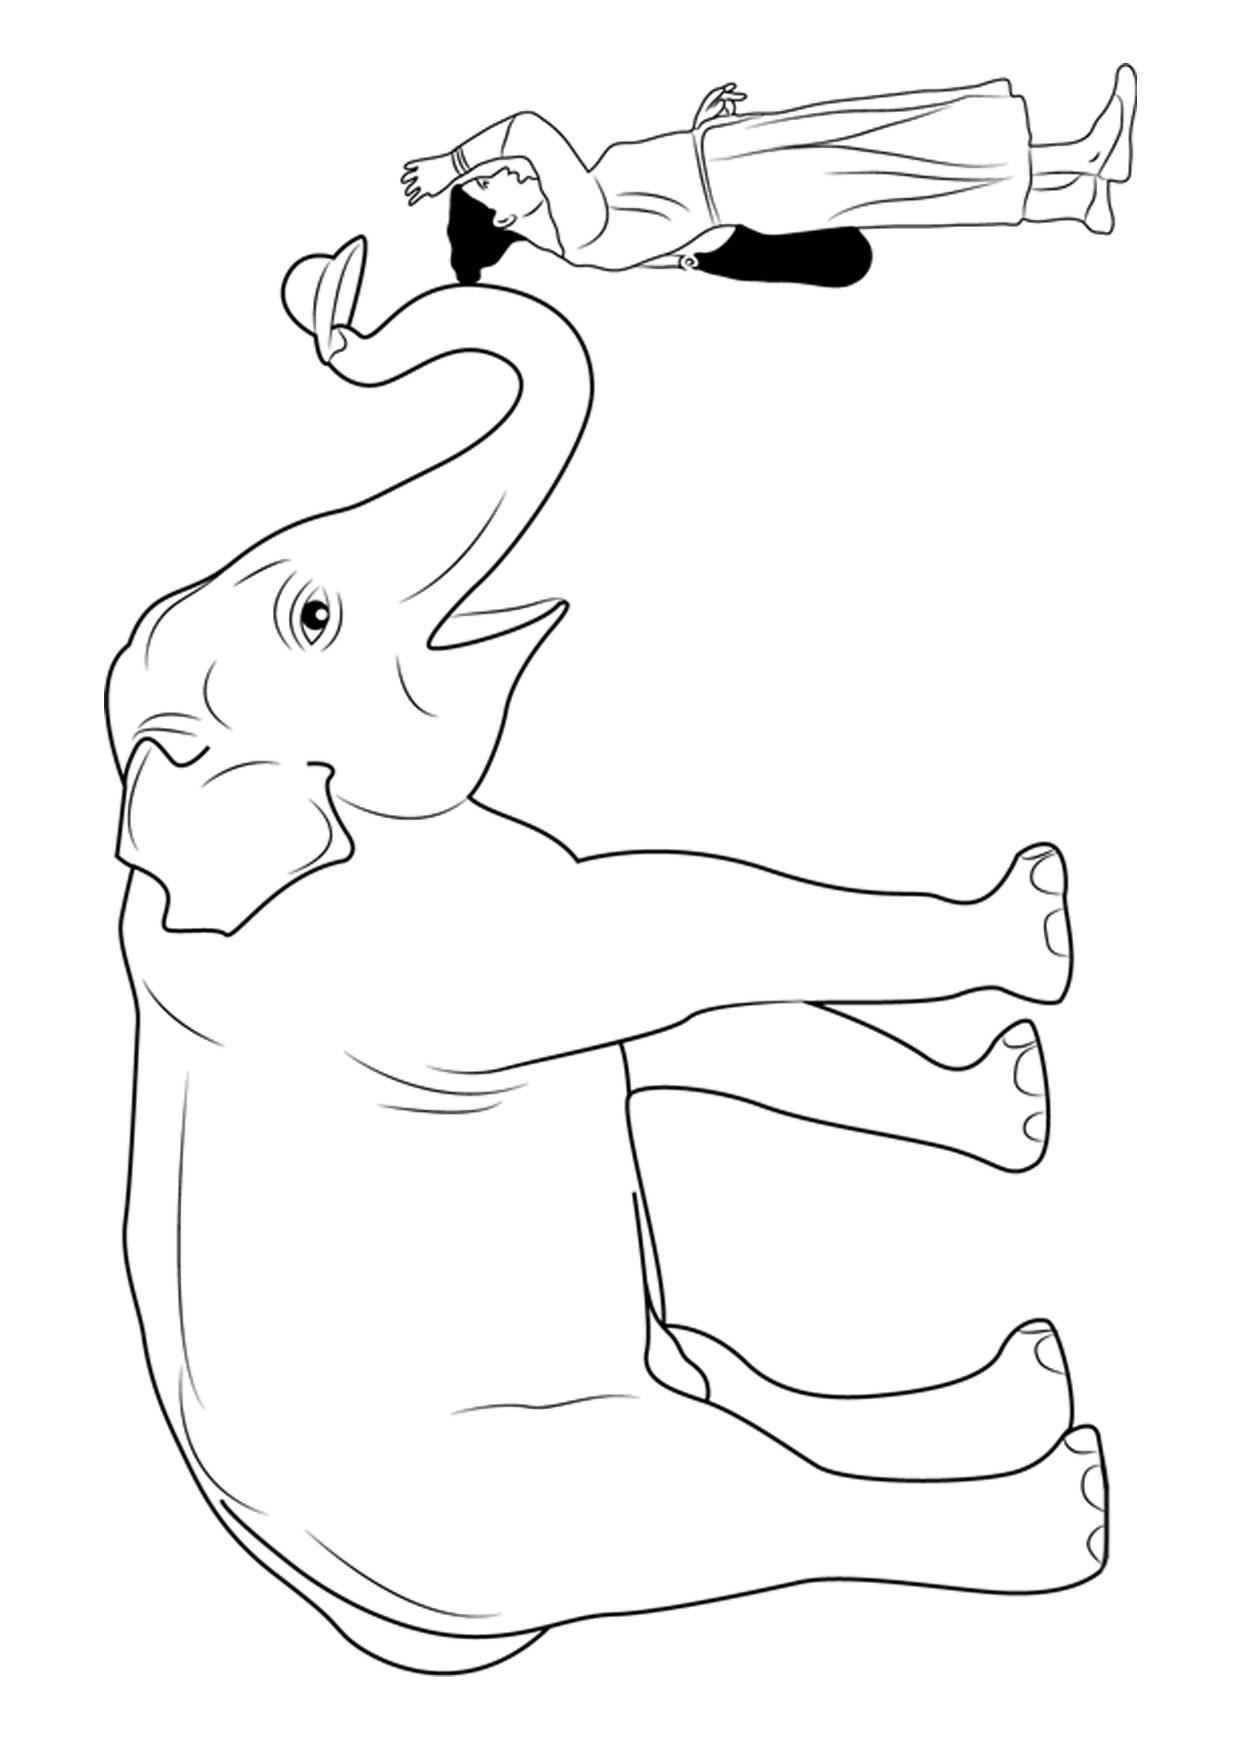 Disegno di elefanti da colorare 15